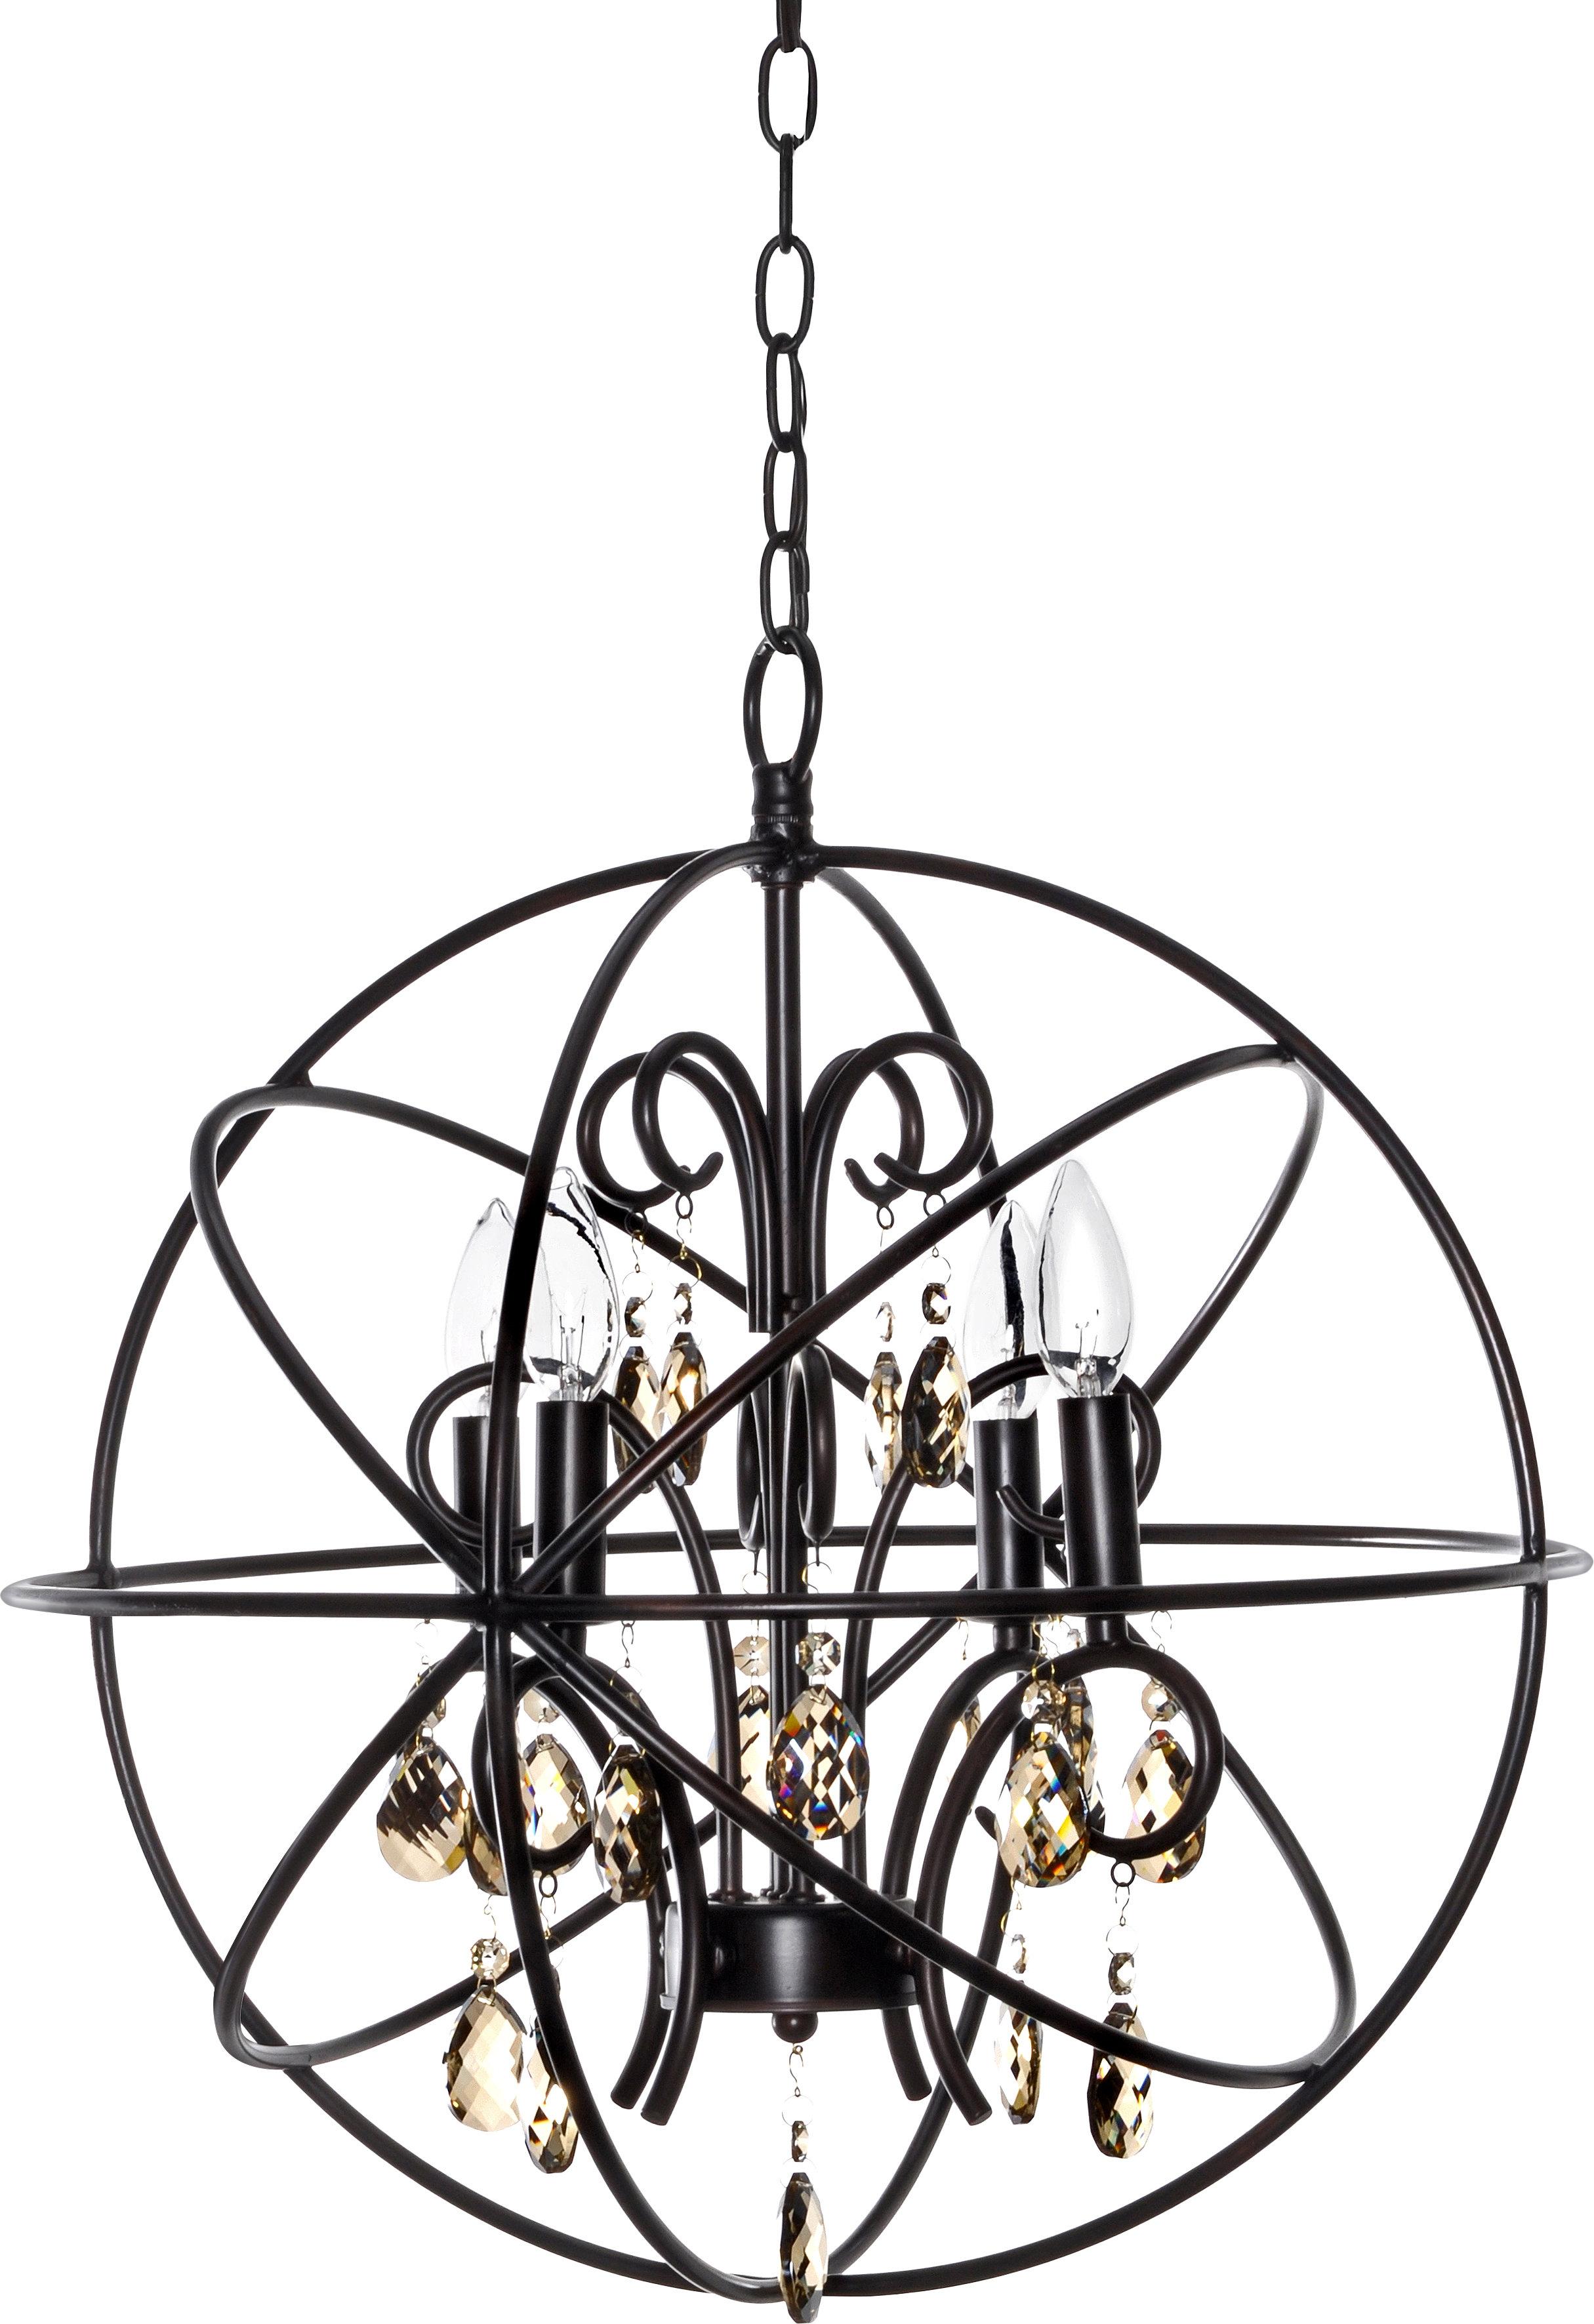 Alden 4 Light Globe Chandelier For Alden 3 Light Single Globe Pendants (View 9 of 30)